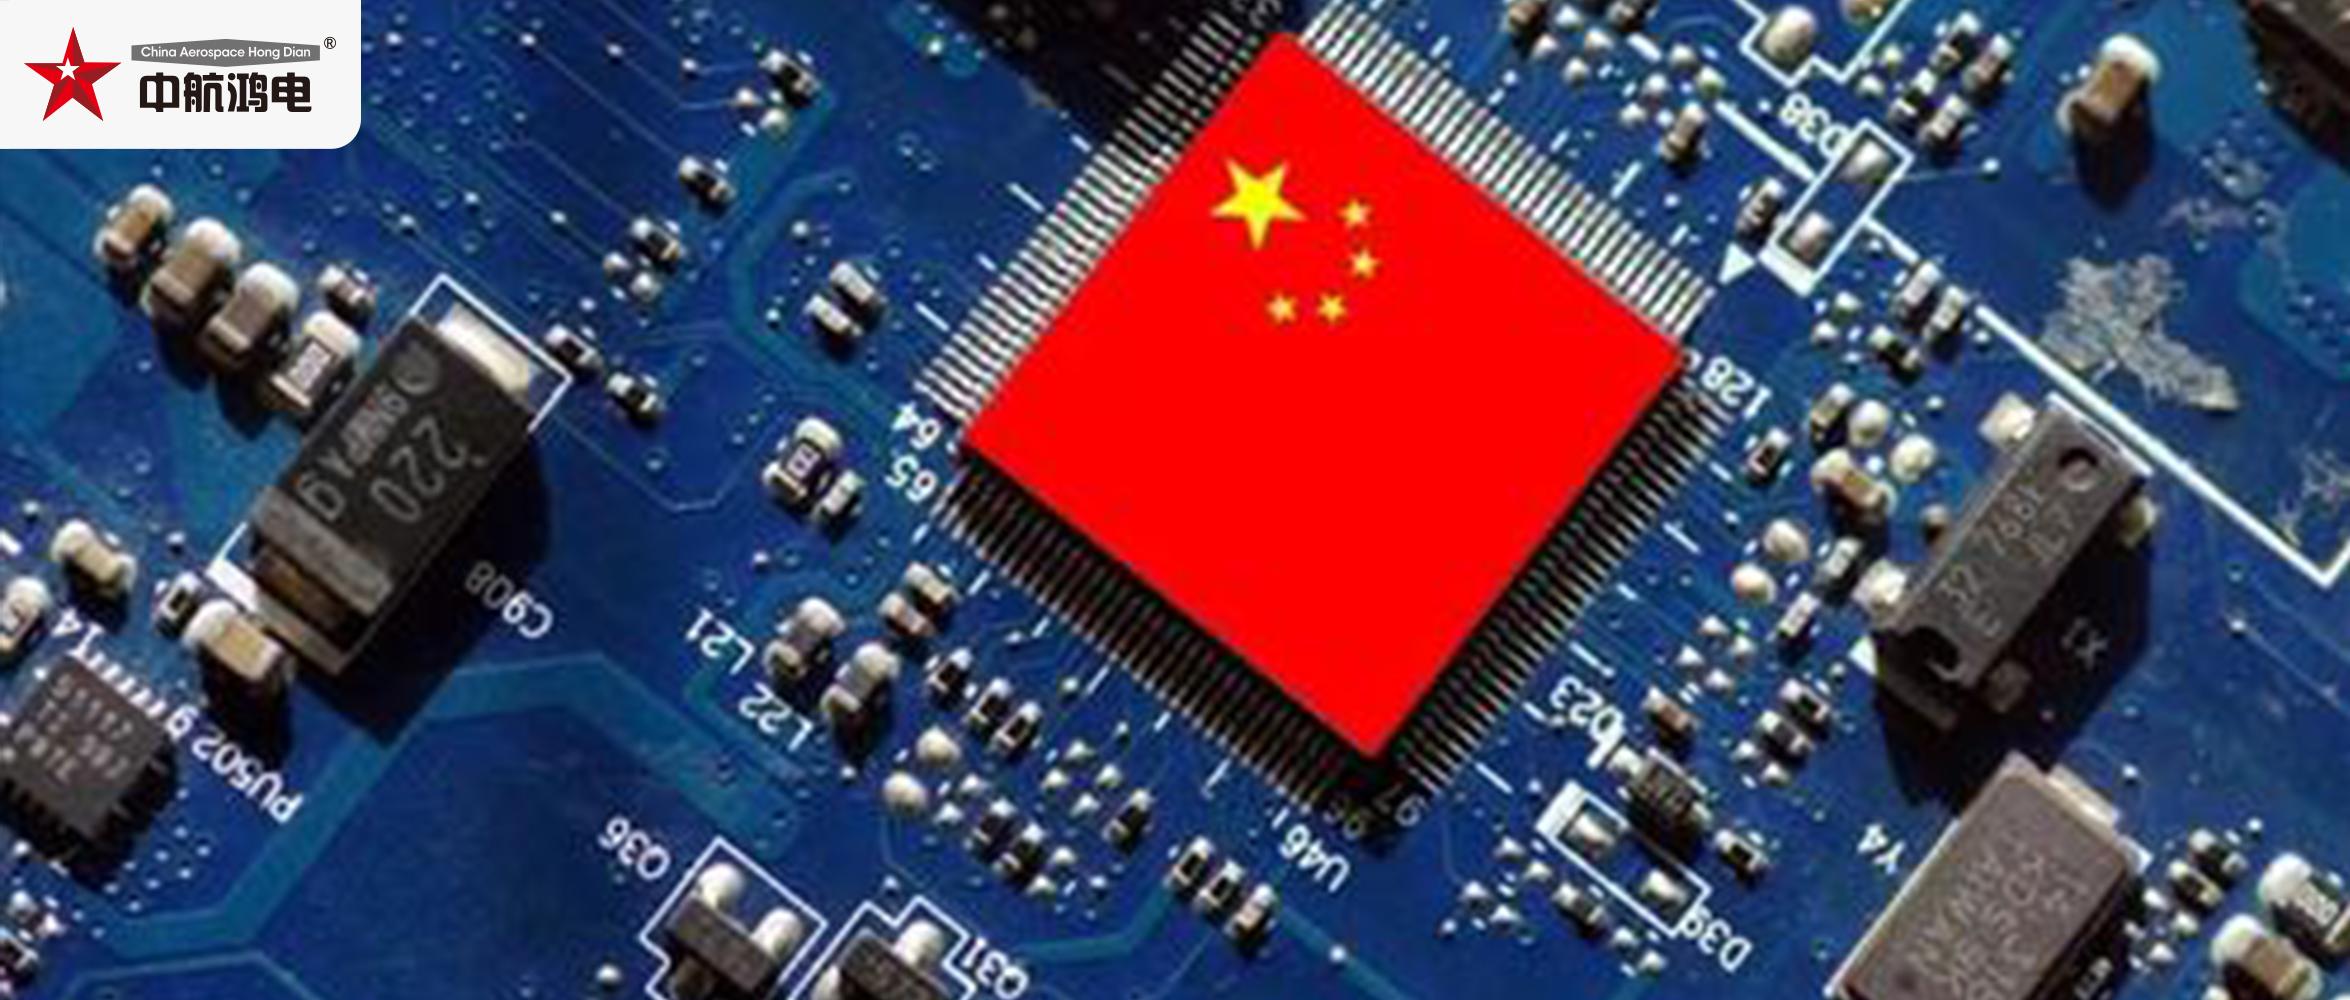 中芯国际被列入黑名单,白宫官员:无论如何不允许中国自造芯片